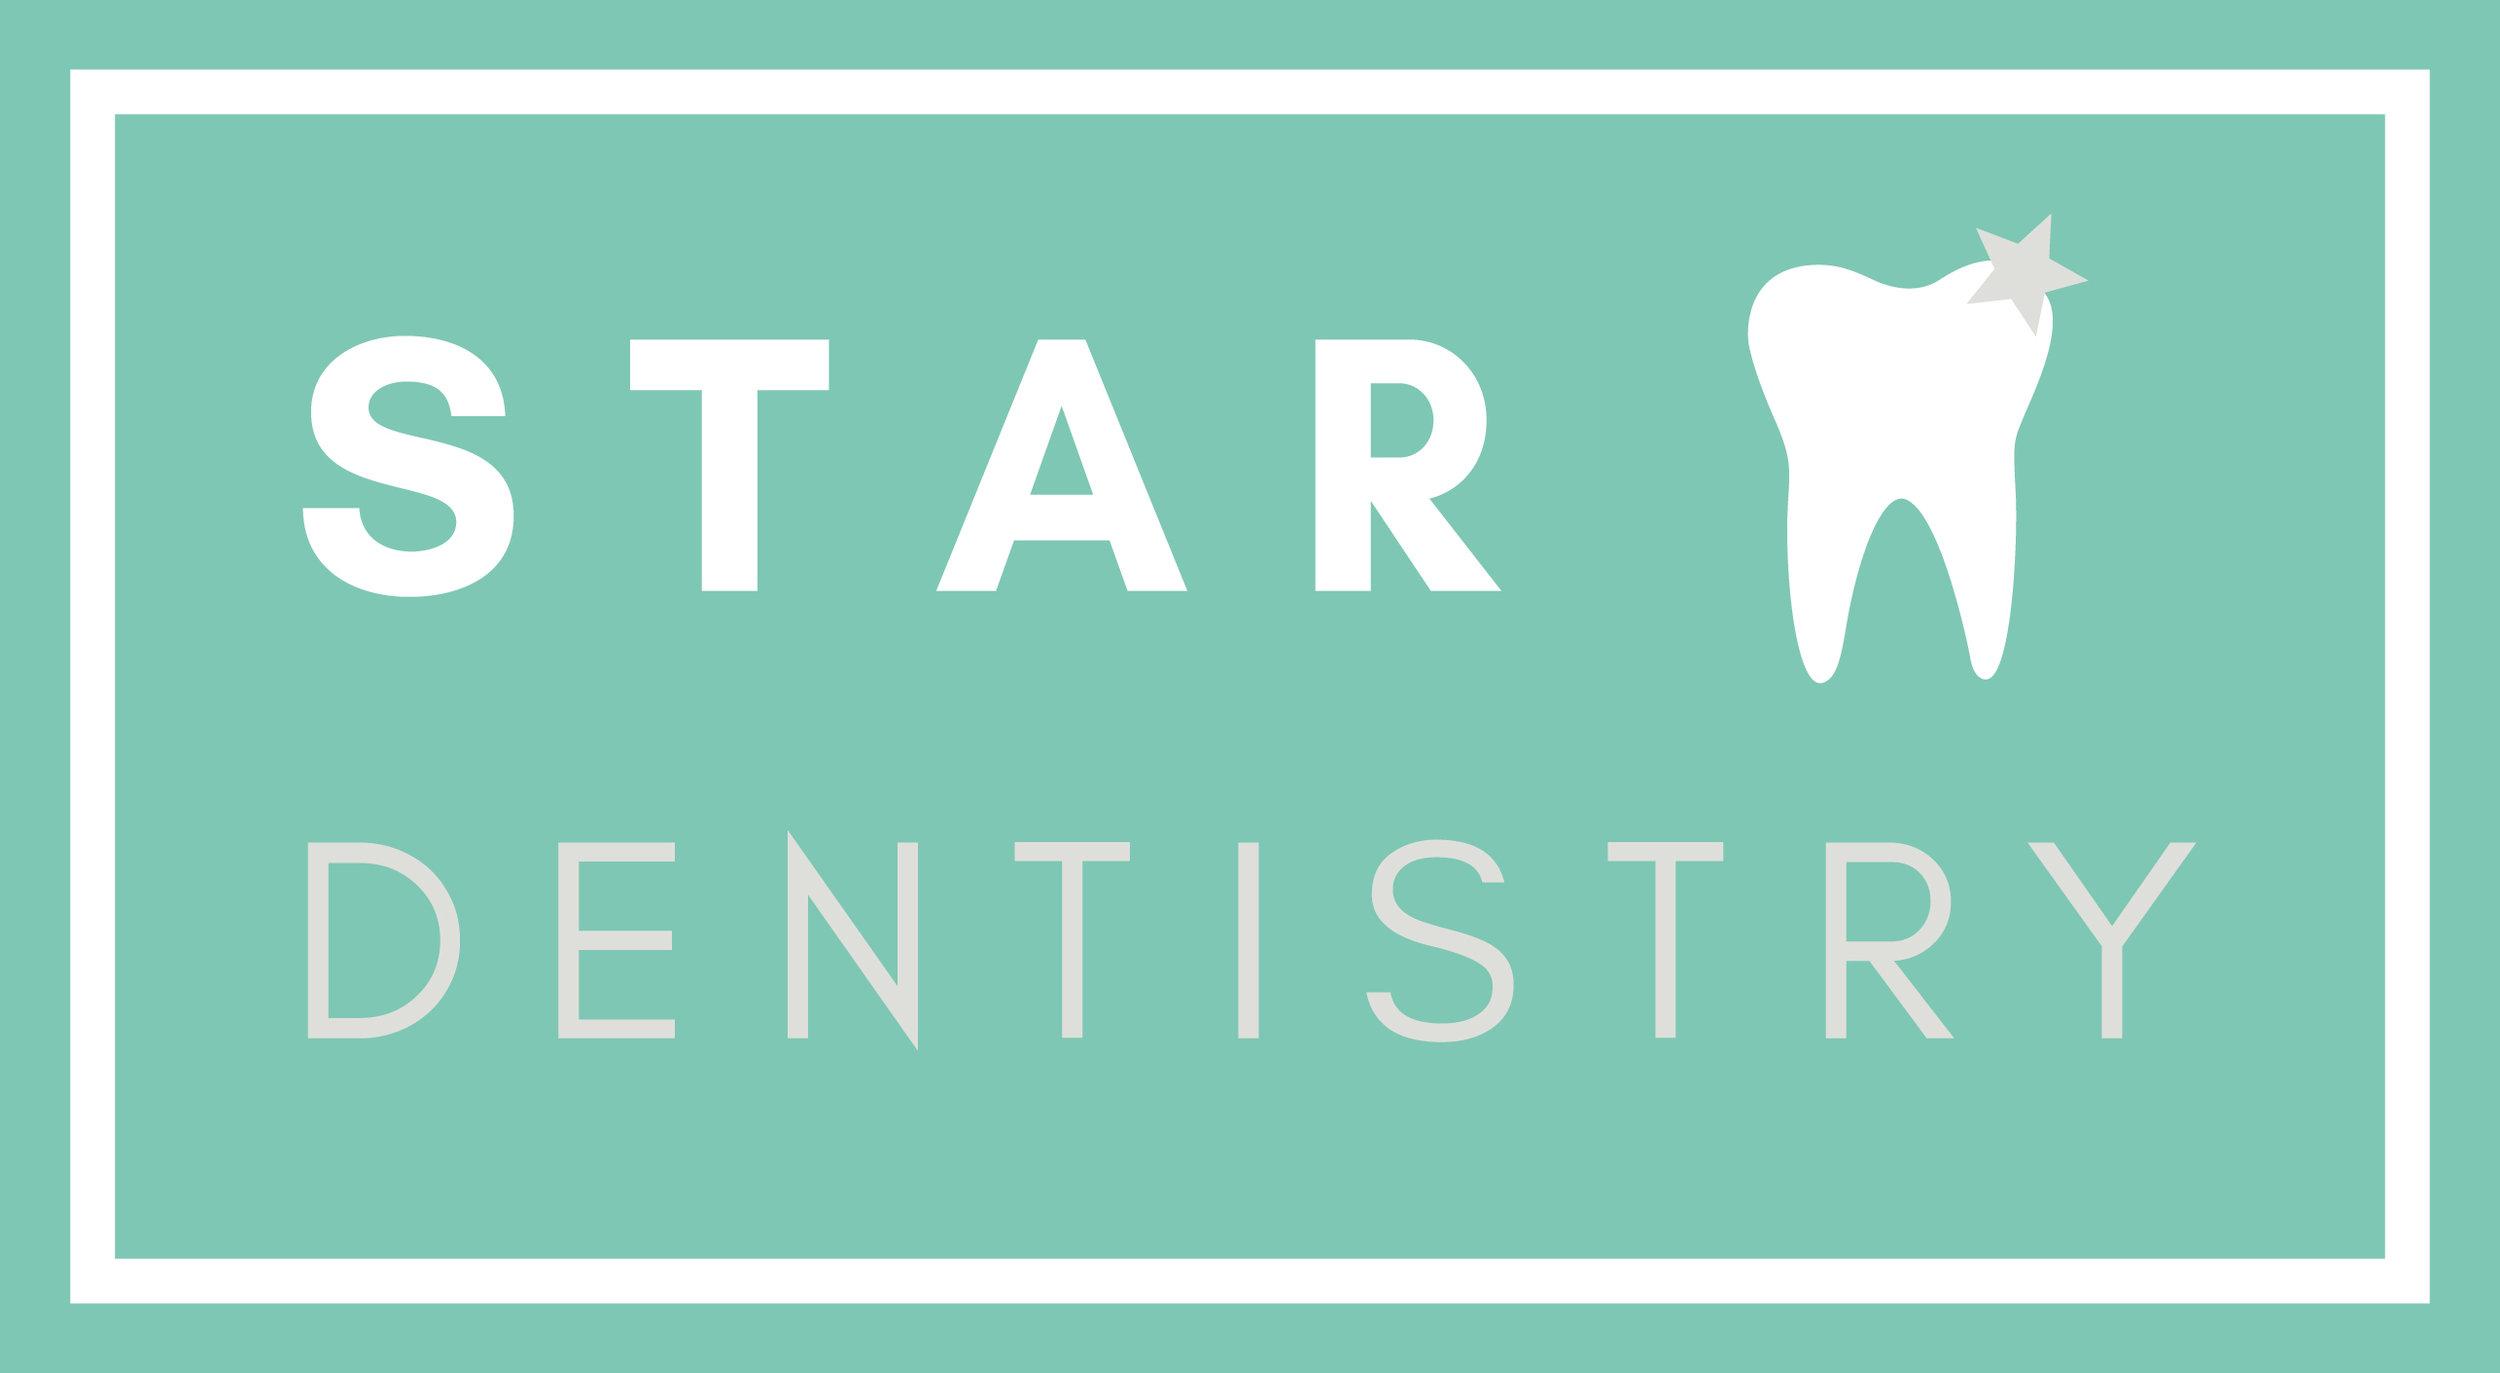 STAR dentistry Logo.jpg